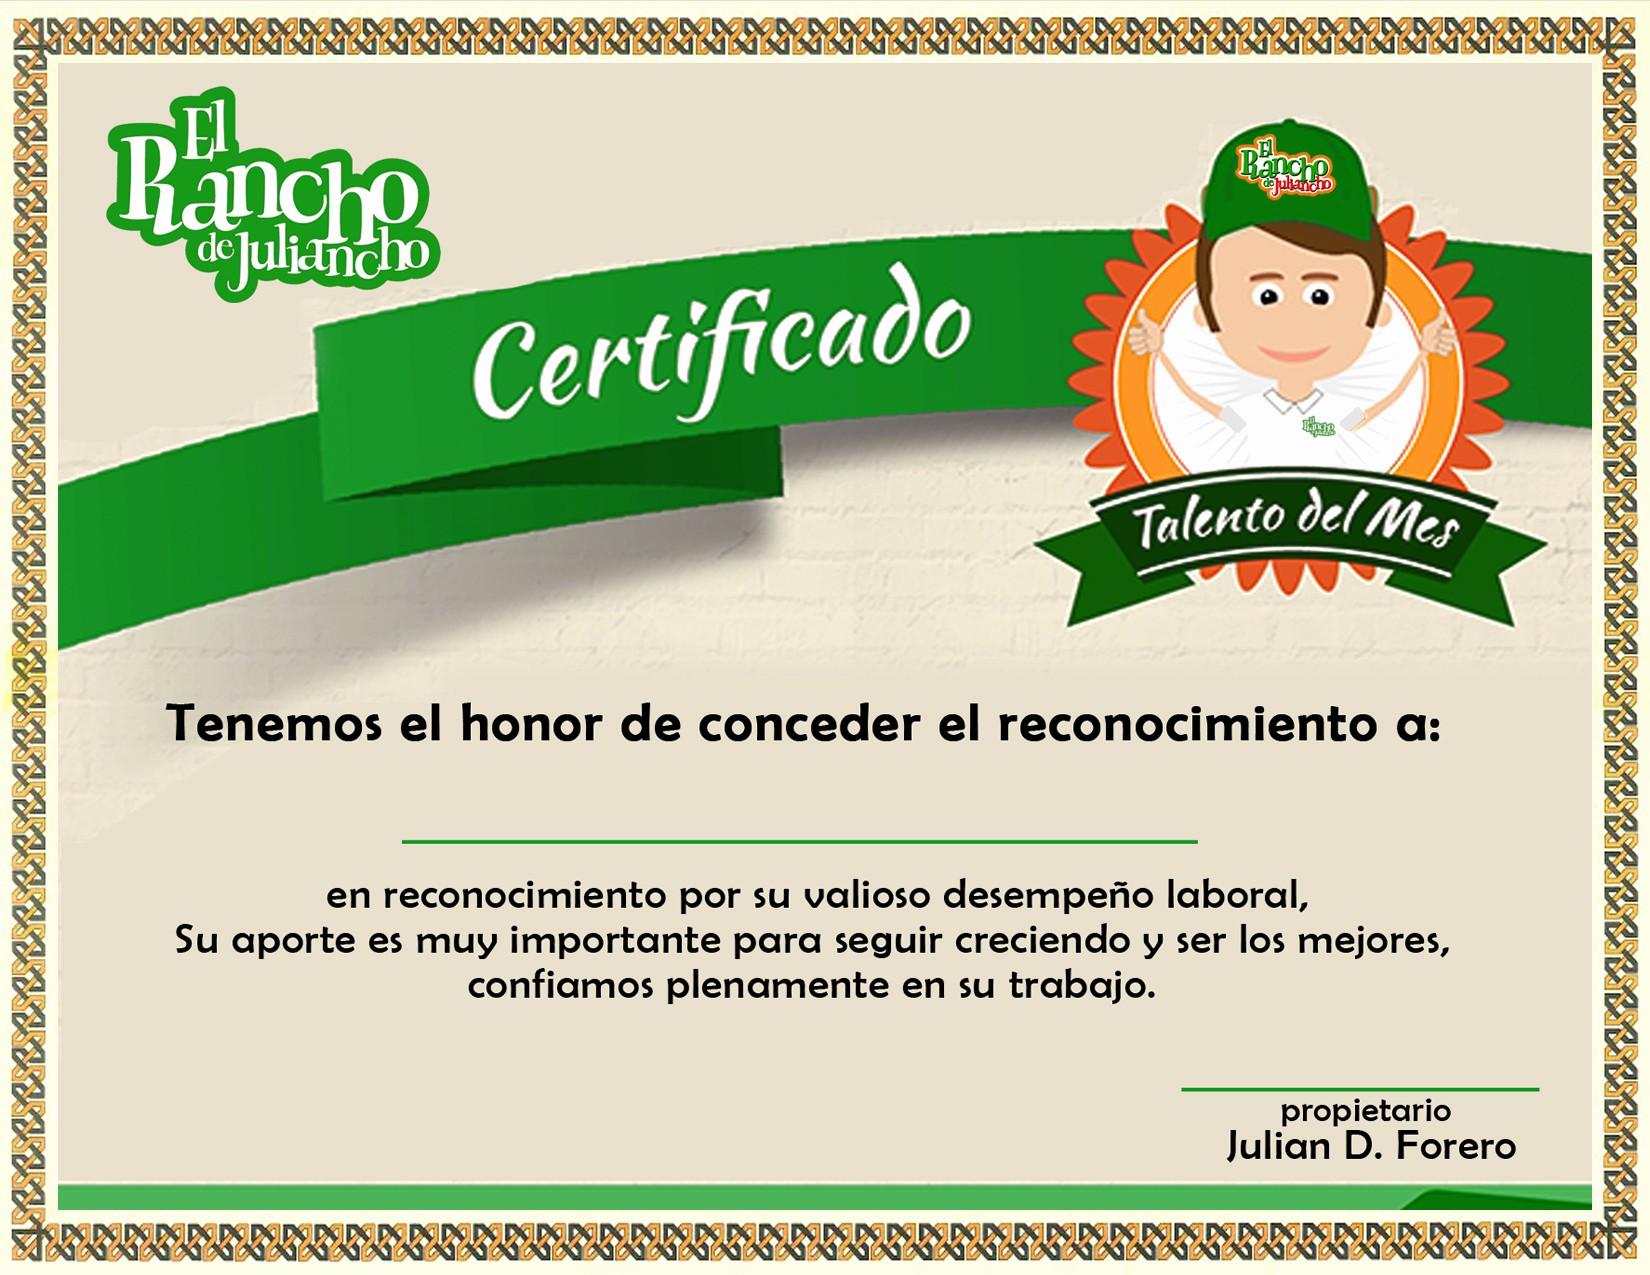 Formato Reconocimiento Empleado Del Mes Luxury Talento Del Mes – El Rancho De Juliancho